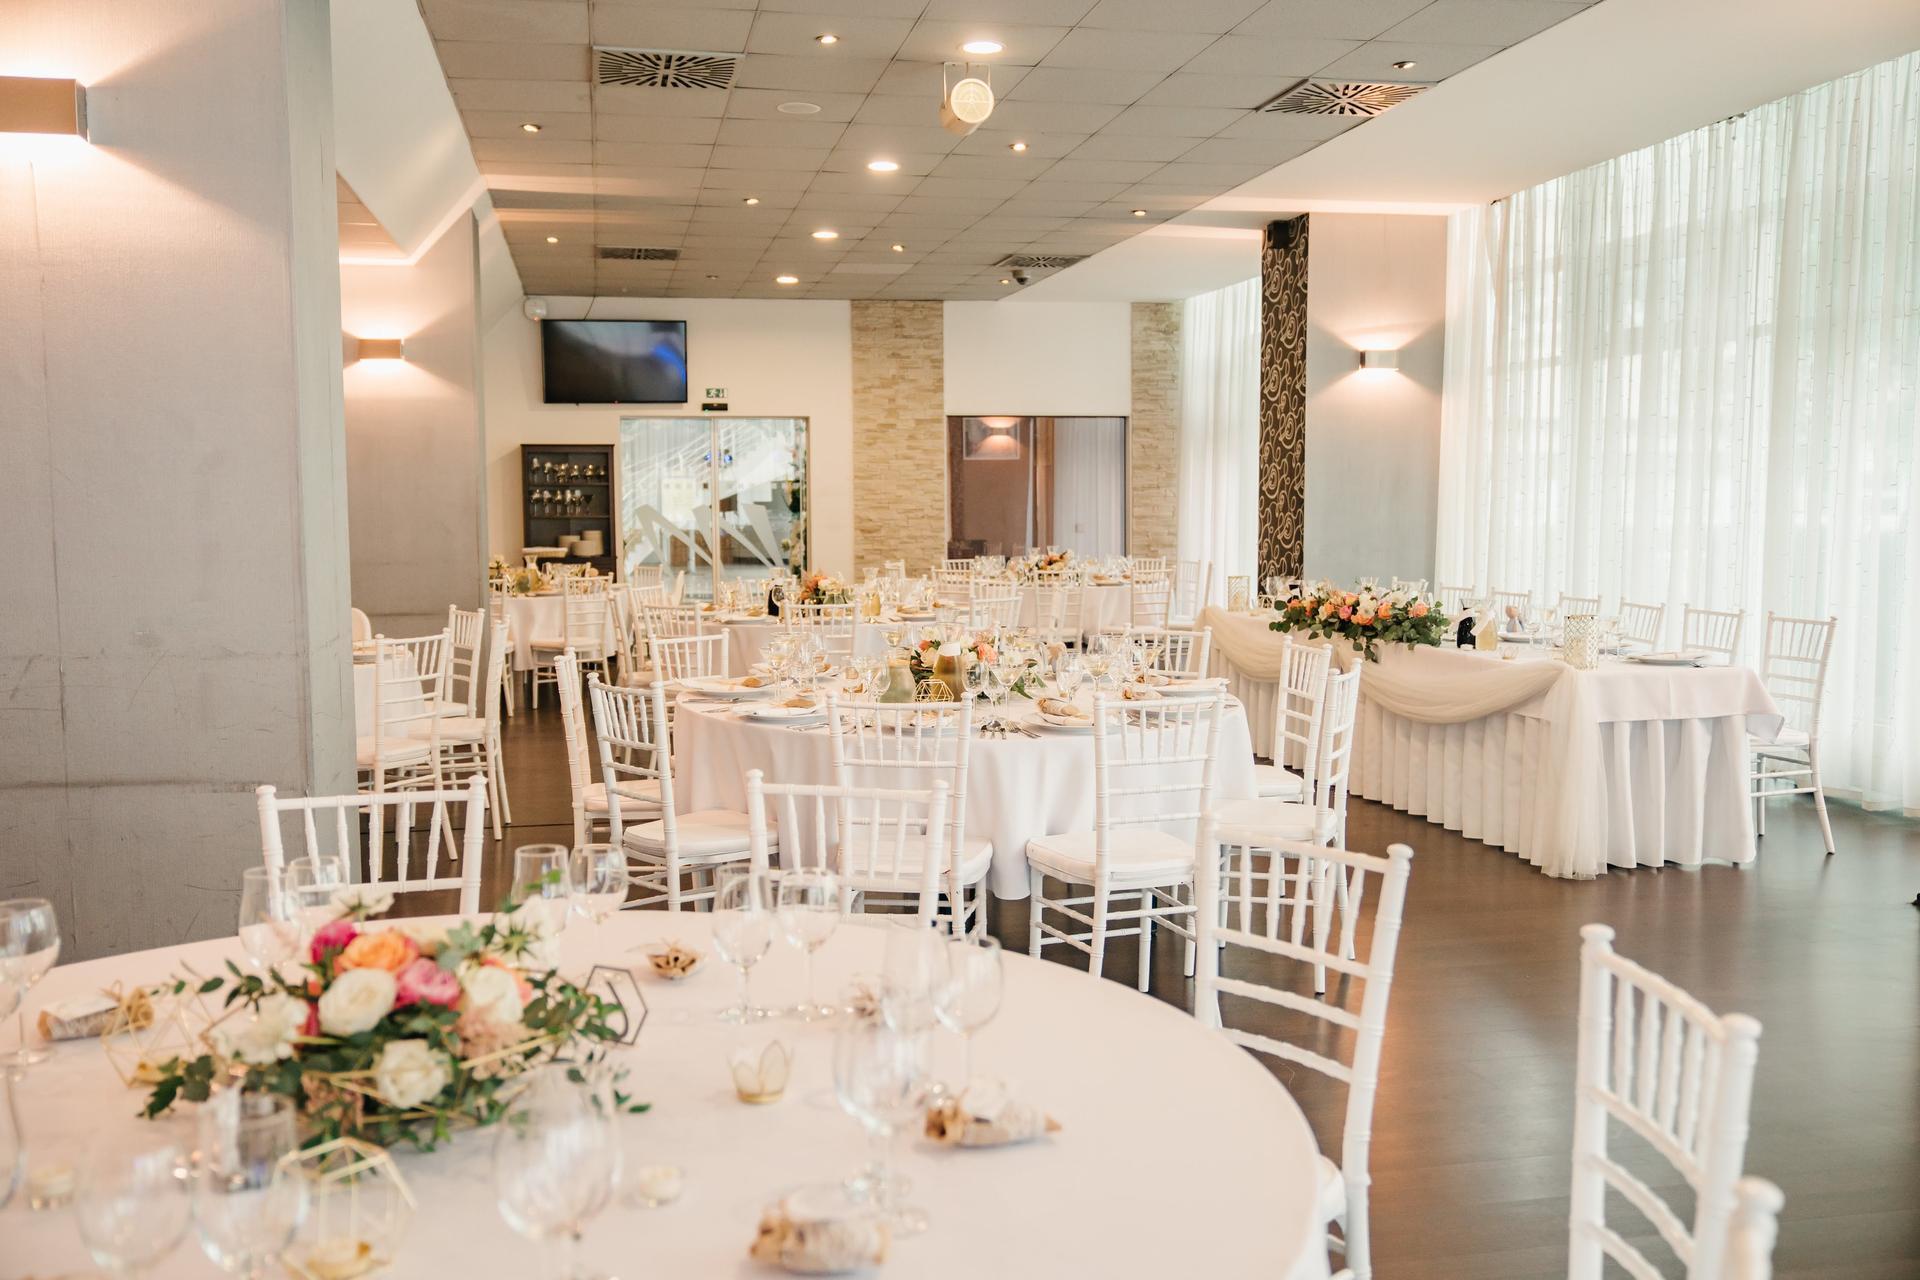 Opatrenia sa pomaličky uvoľňujú a vy ešte nemáte priestor na Vašu svadobnú hostinu? Maranello-ristorante je to ideálne miesto! Kontaktujte nás mailom na info@maranello-ristorante.sk alebo na tel.č.0948080180 - Obrázok č. 2